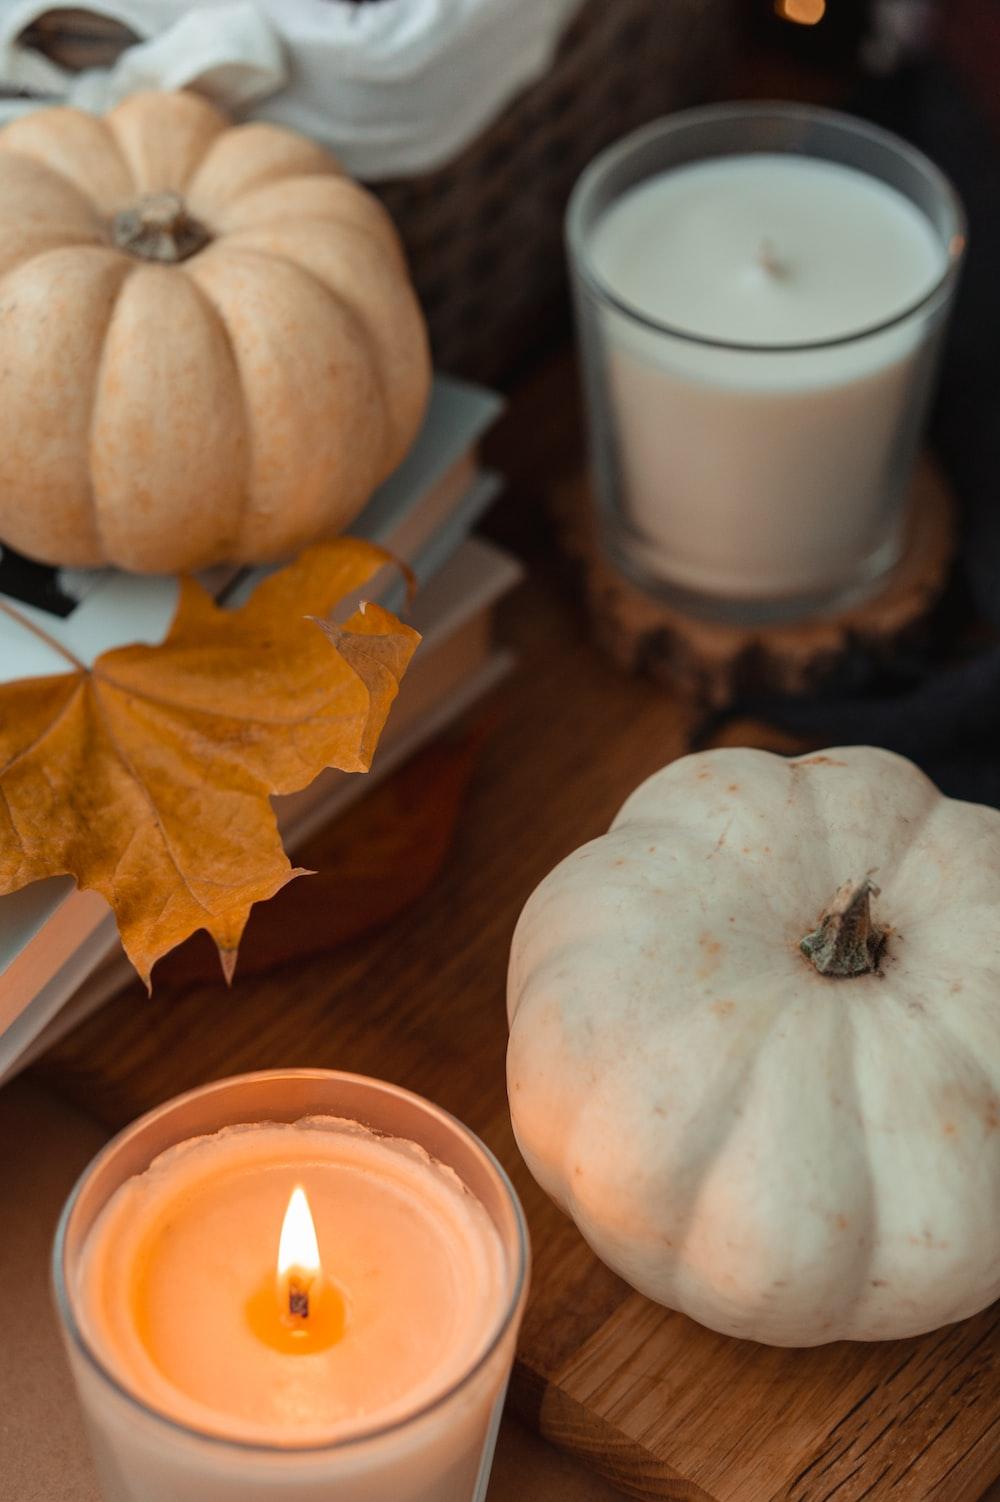 white pumpkin beside white ceramic mug on brown wooden table